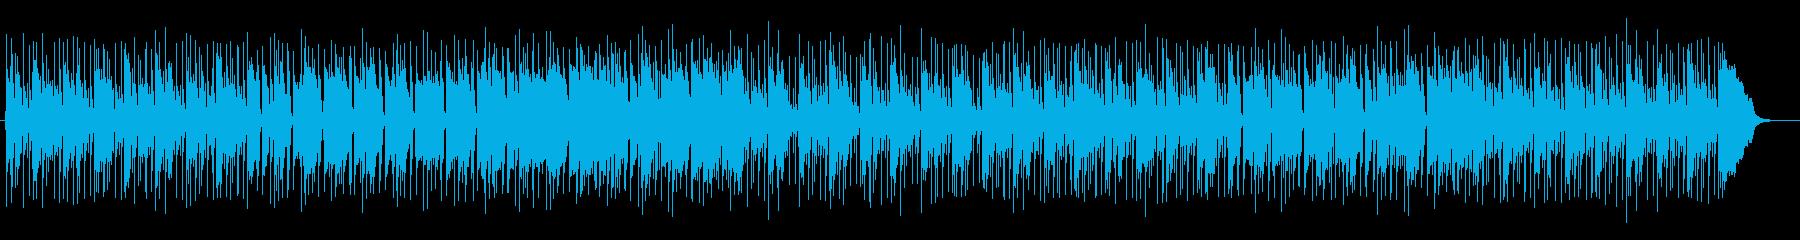 現代的な落ち着きのある大人の曲の再生済みの波形